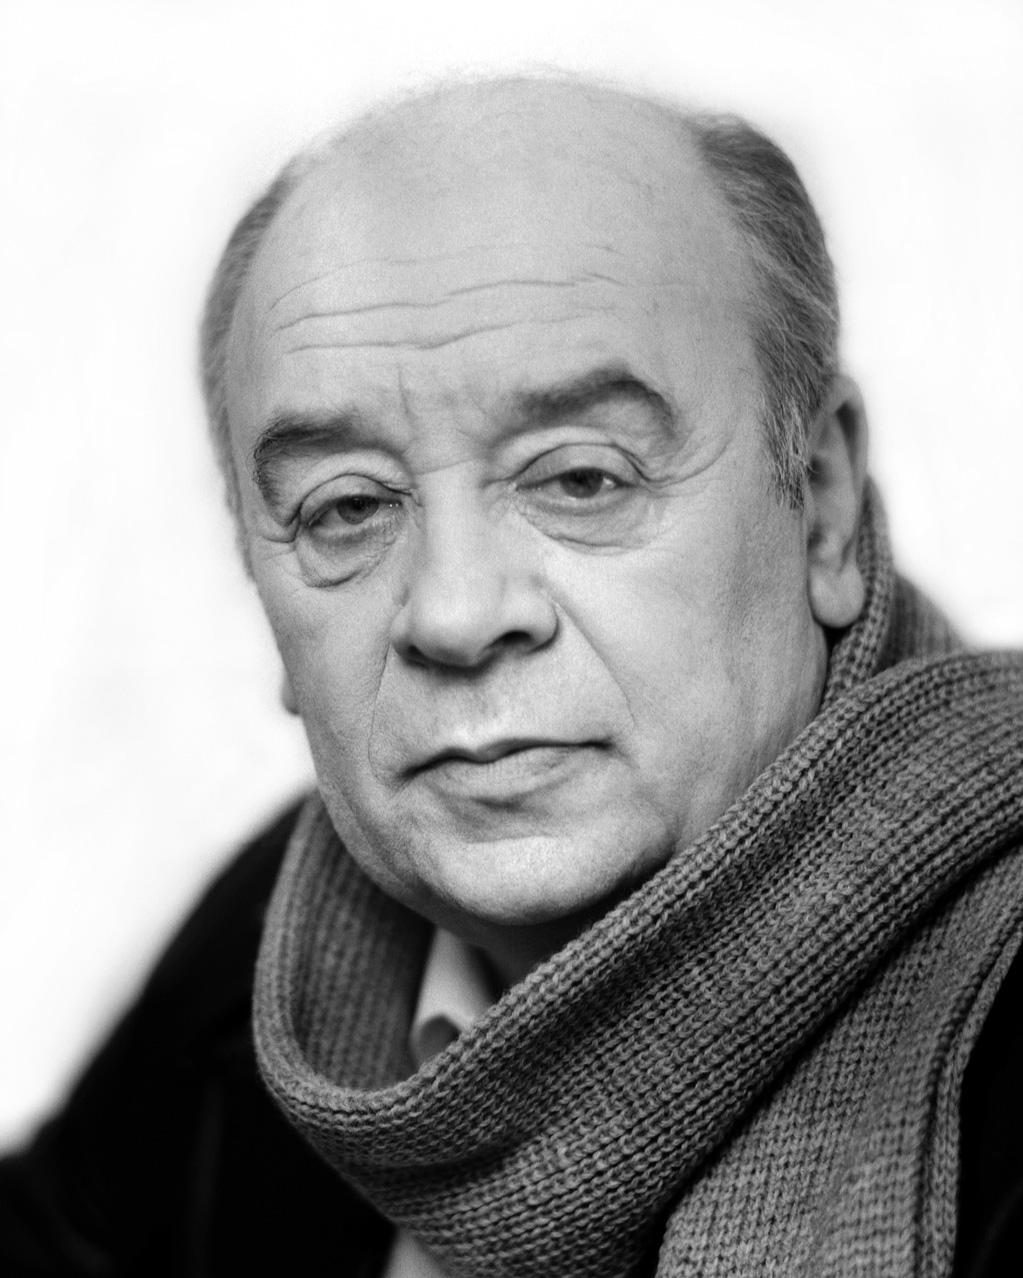 Л.С. Броневой